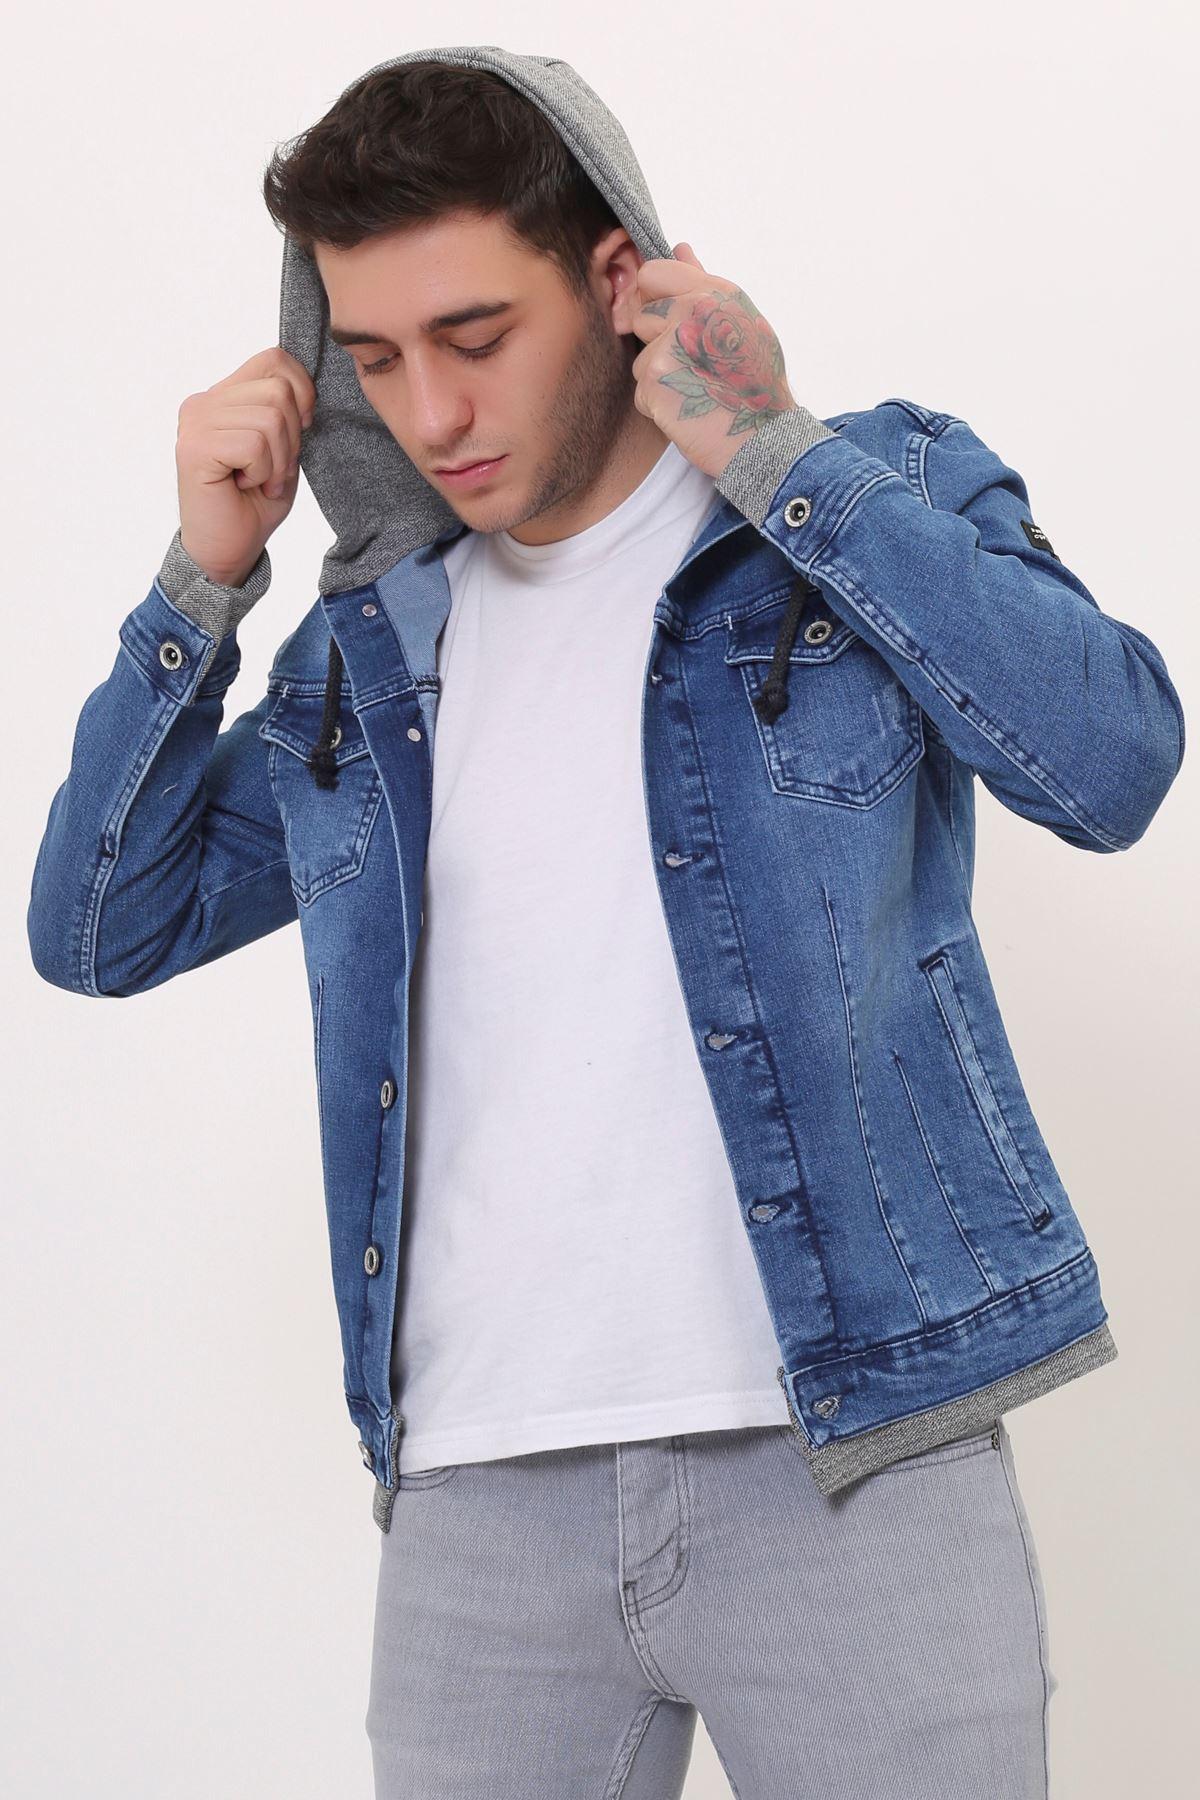 Kapüşonlu Erkek Mavi Kot Ceket Baskı Detay